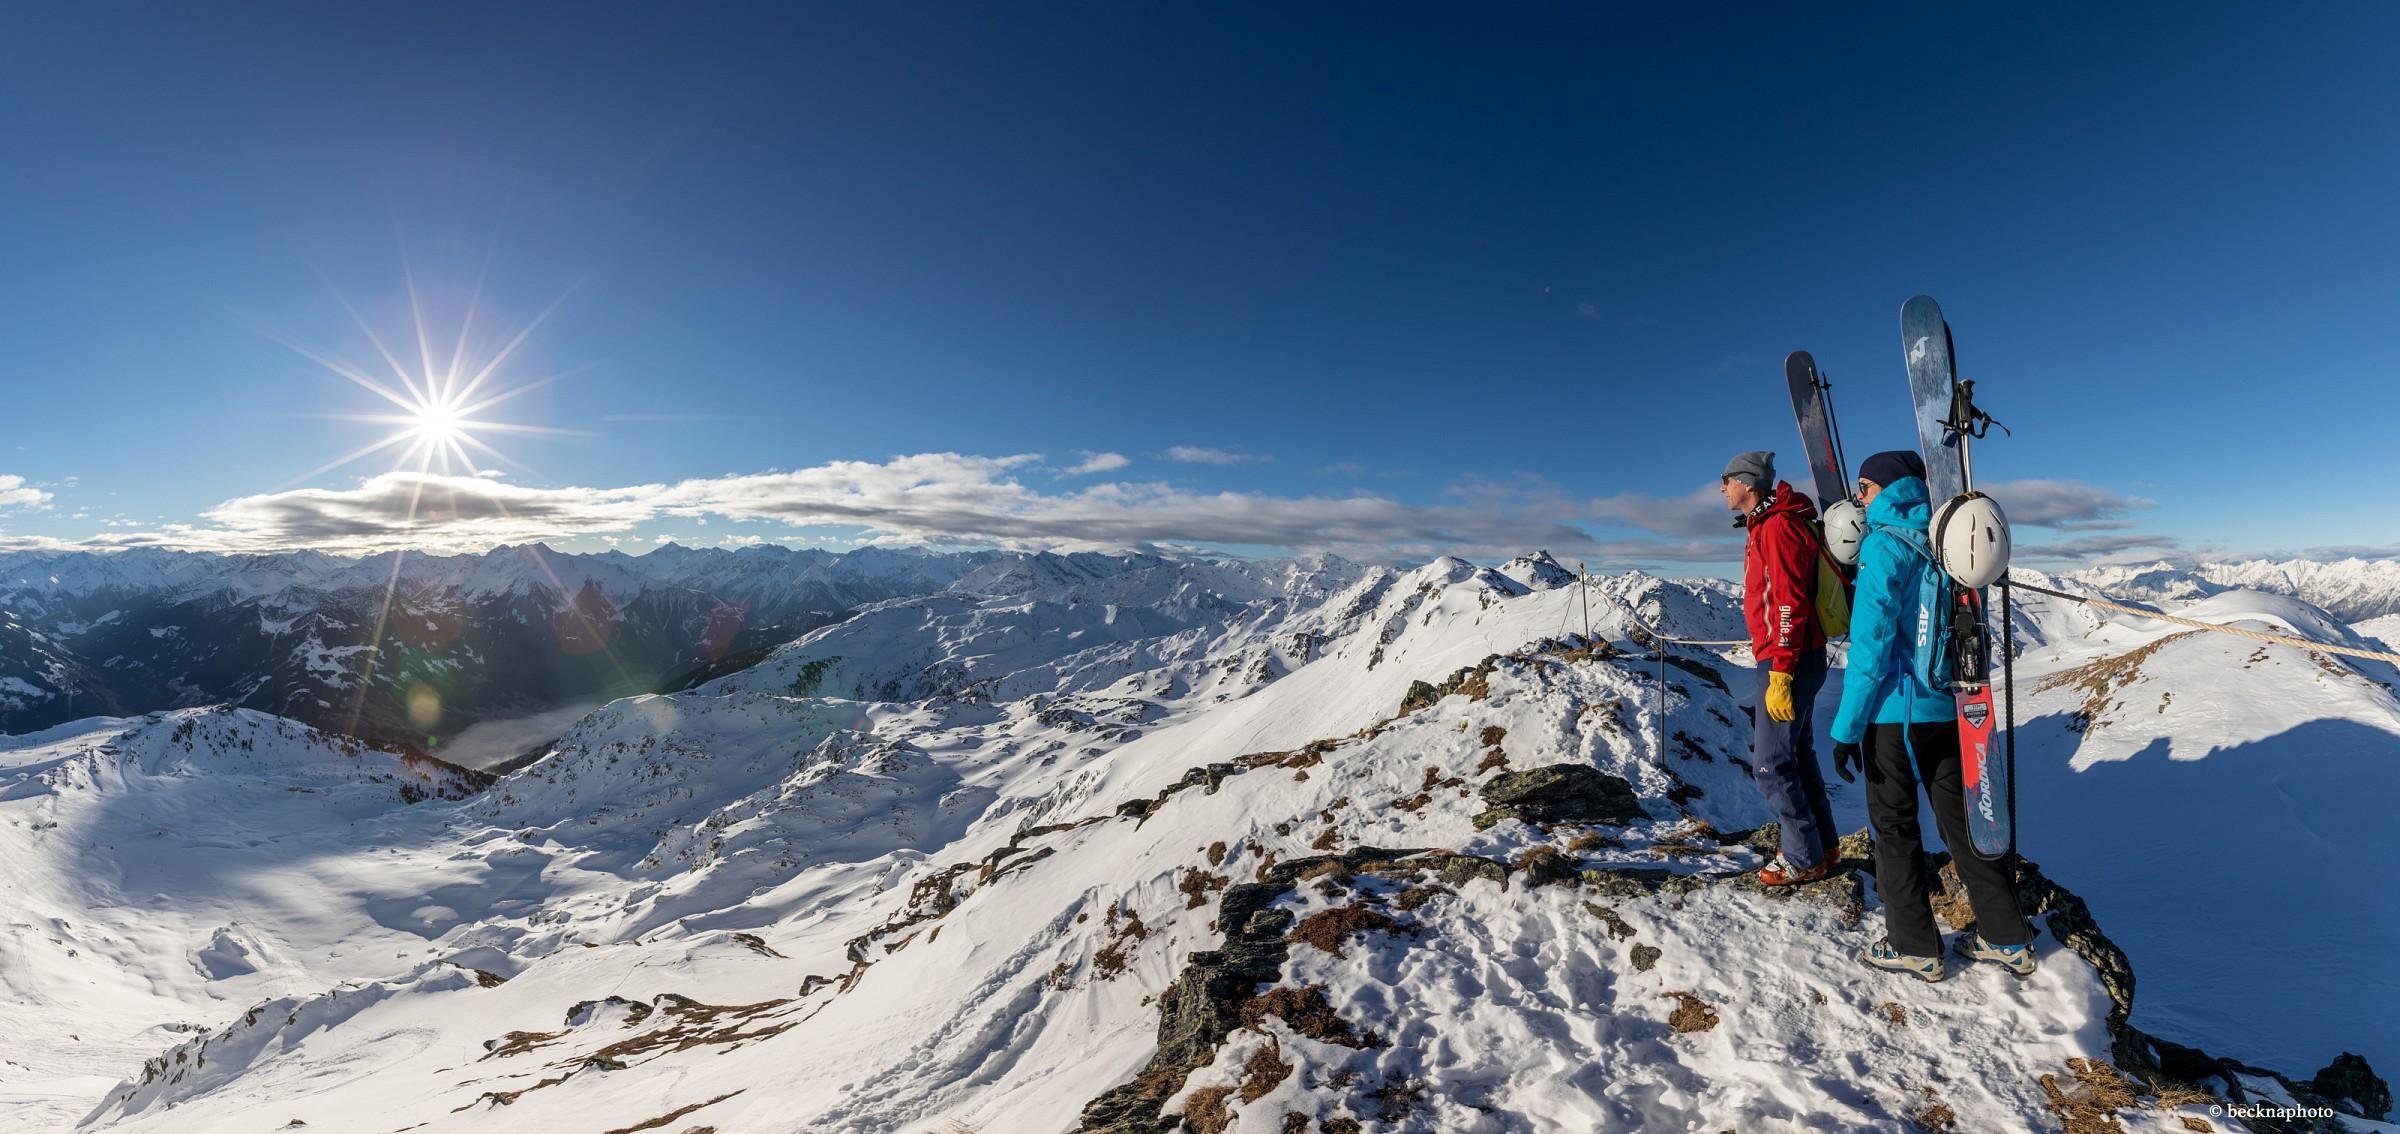 pIn-der-Skiregion-Hochzillertal-Kaltenbach-gibt-es-seit-Januar-2019-einen-neuen-Winter-Alpinsteig-Wer-moumlchte-kann-nach-der-15-kmnbsplangen-Gratwanderungnbspmit-Skiern-hinunterfahrenp